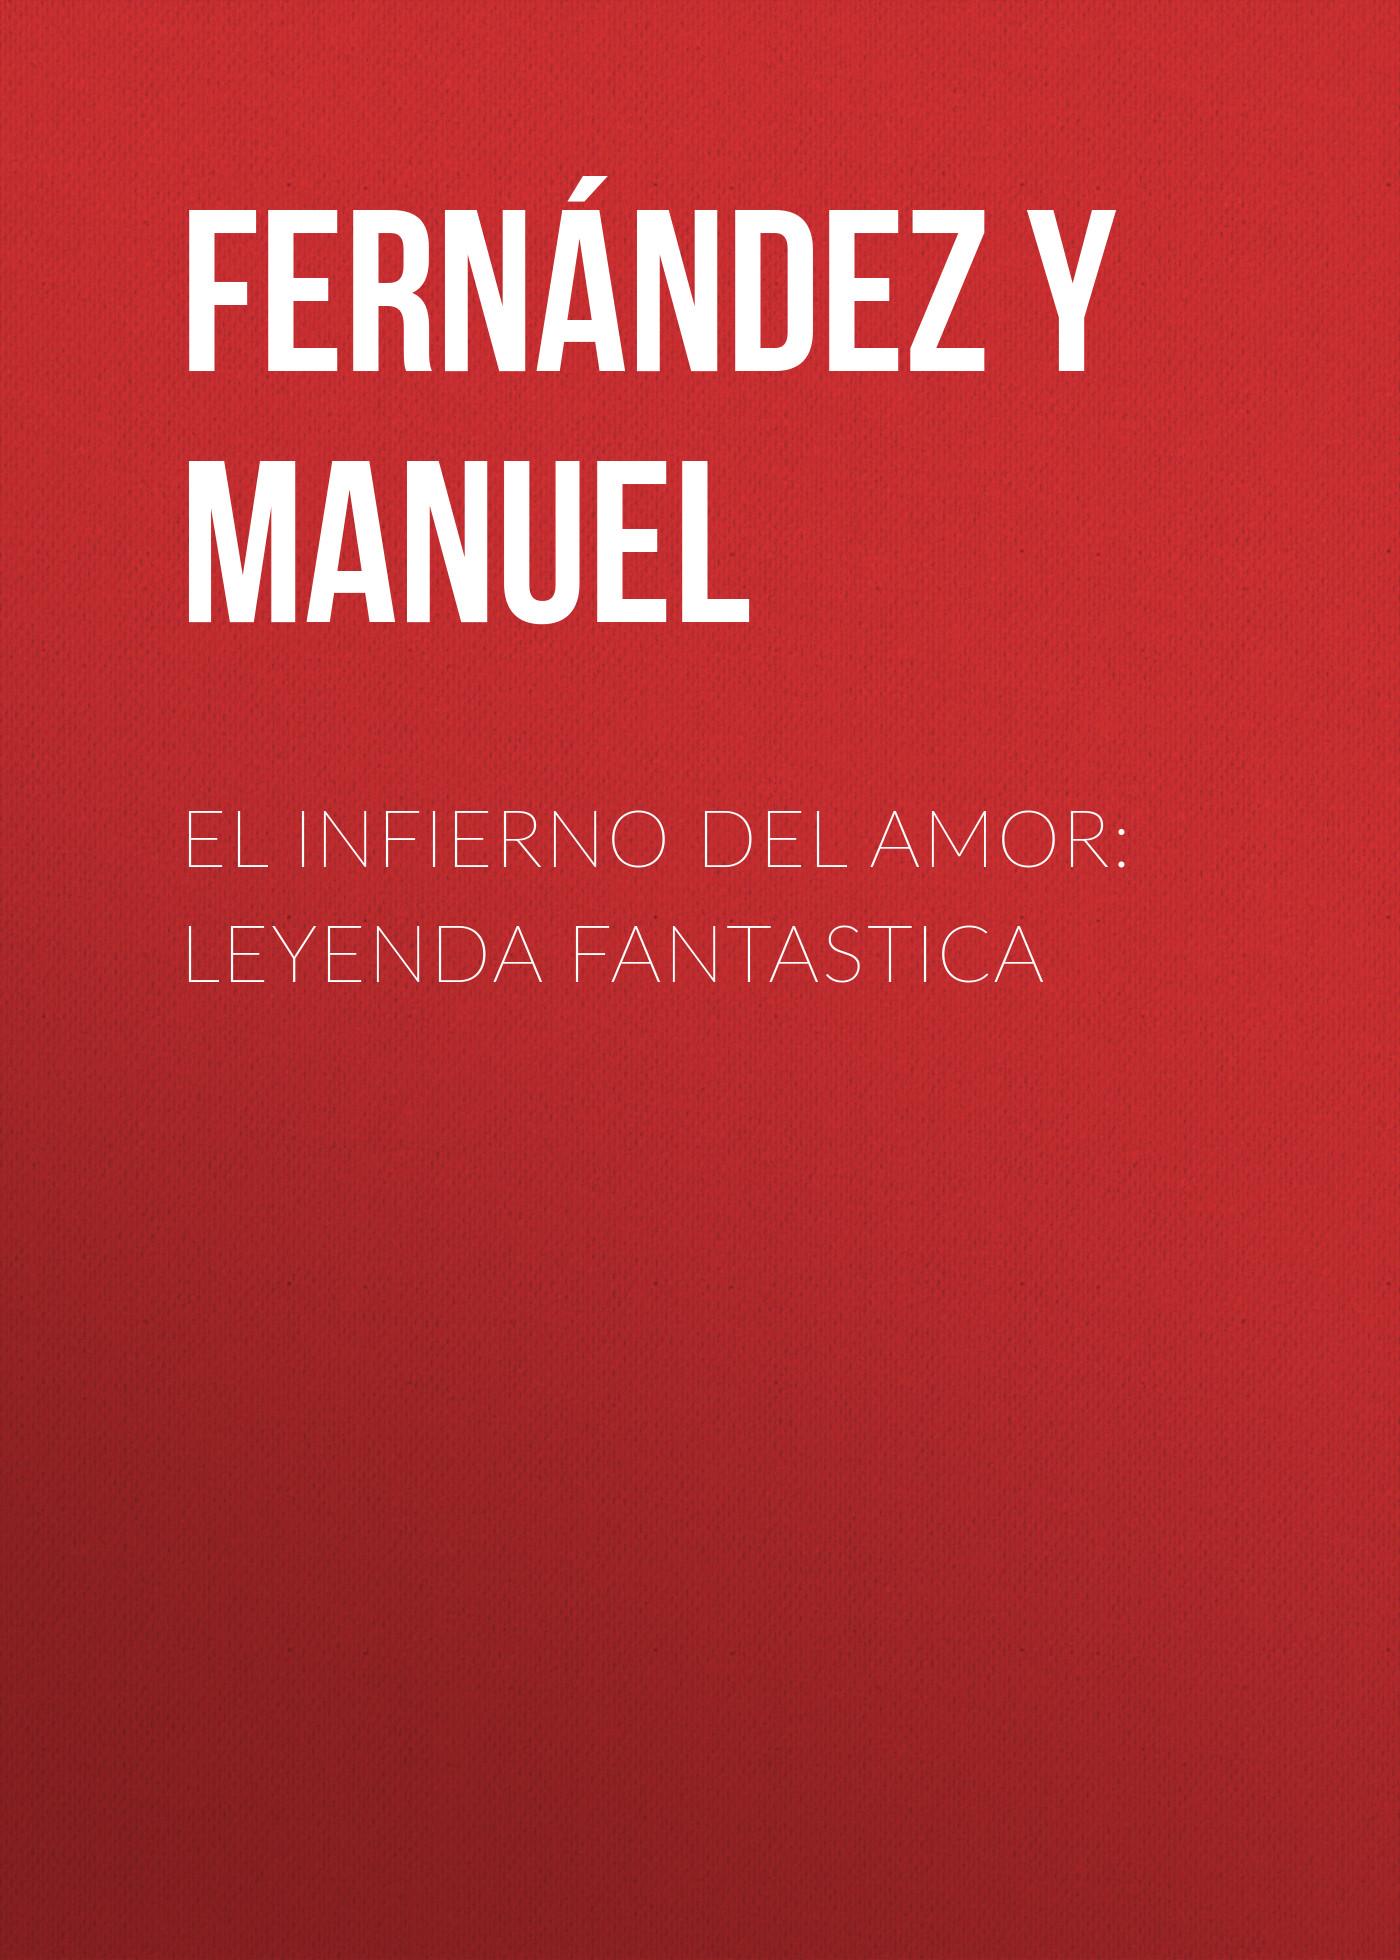 Fernández y González Manuel El infierno del amor: leyenda fantastica fernández y gonzález manuel el cocinero de su majestad memorias del tiempo de felipe iii